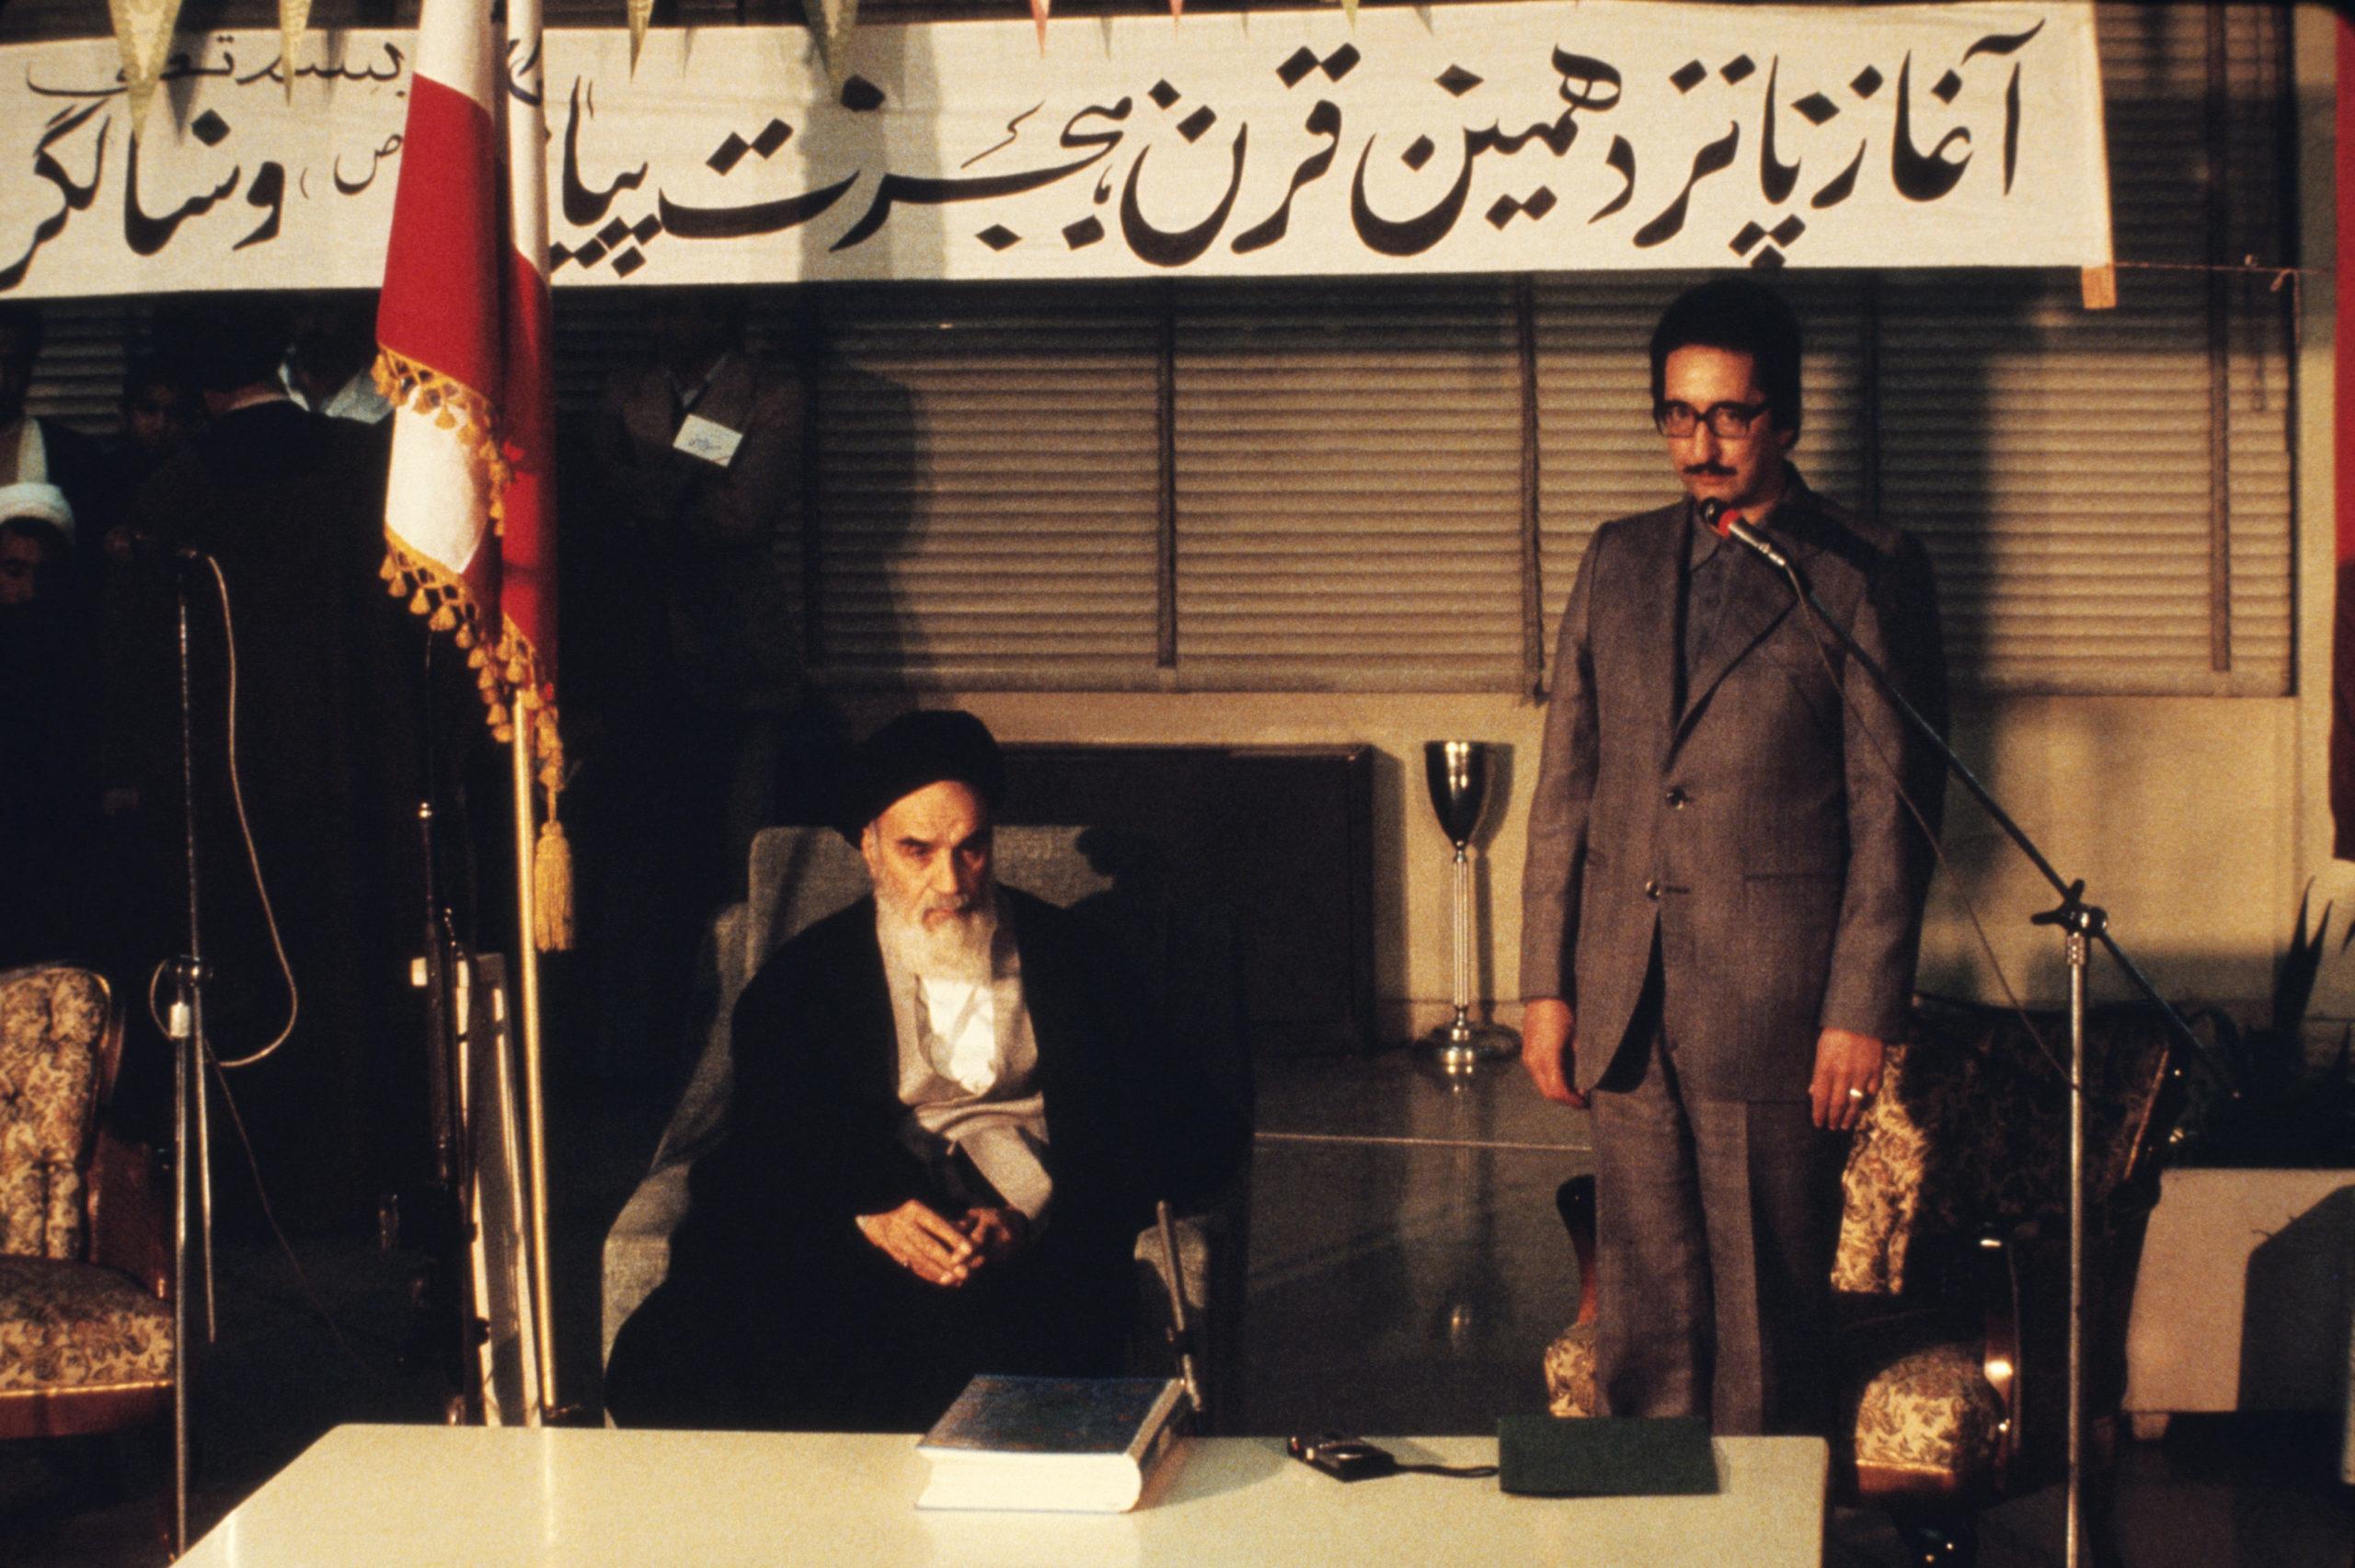 PRESIDENTTI. Abolhassan Banisadrin virkaanastujaiset helmikuussa 1980. Istumassa Iranin hengellinen johtaja ajatollah Khomeini.